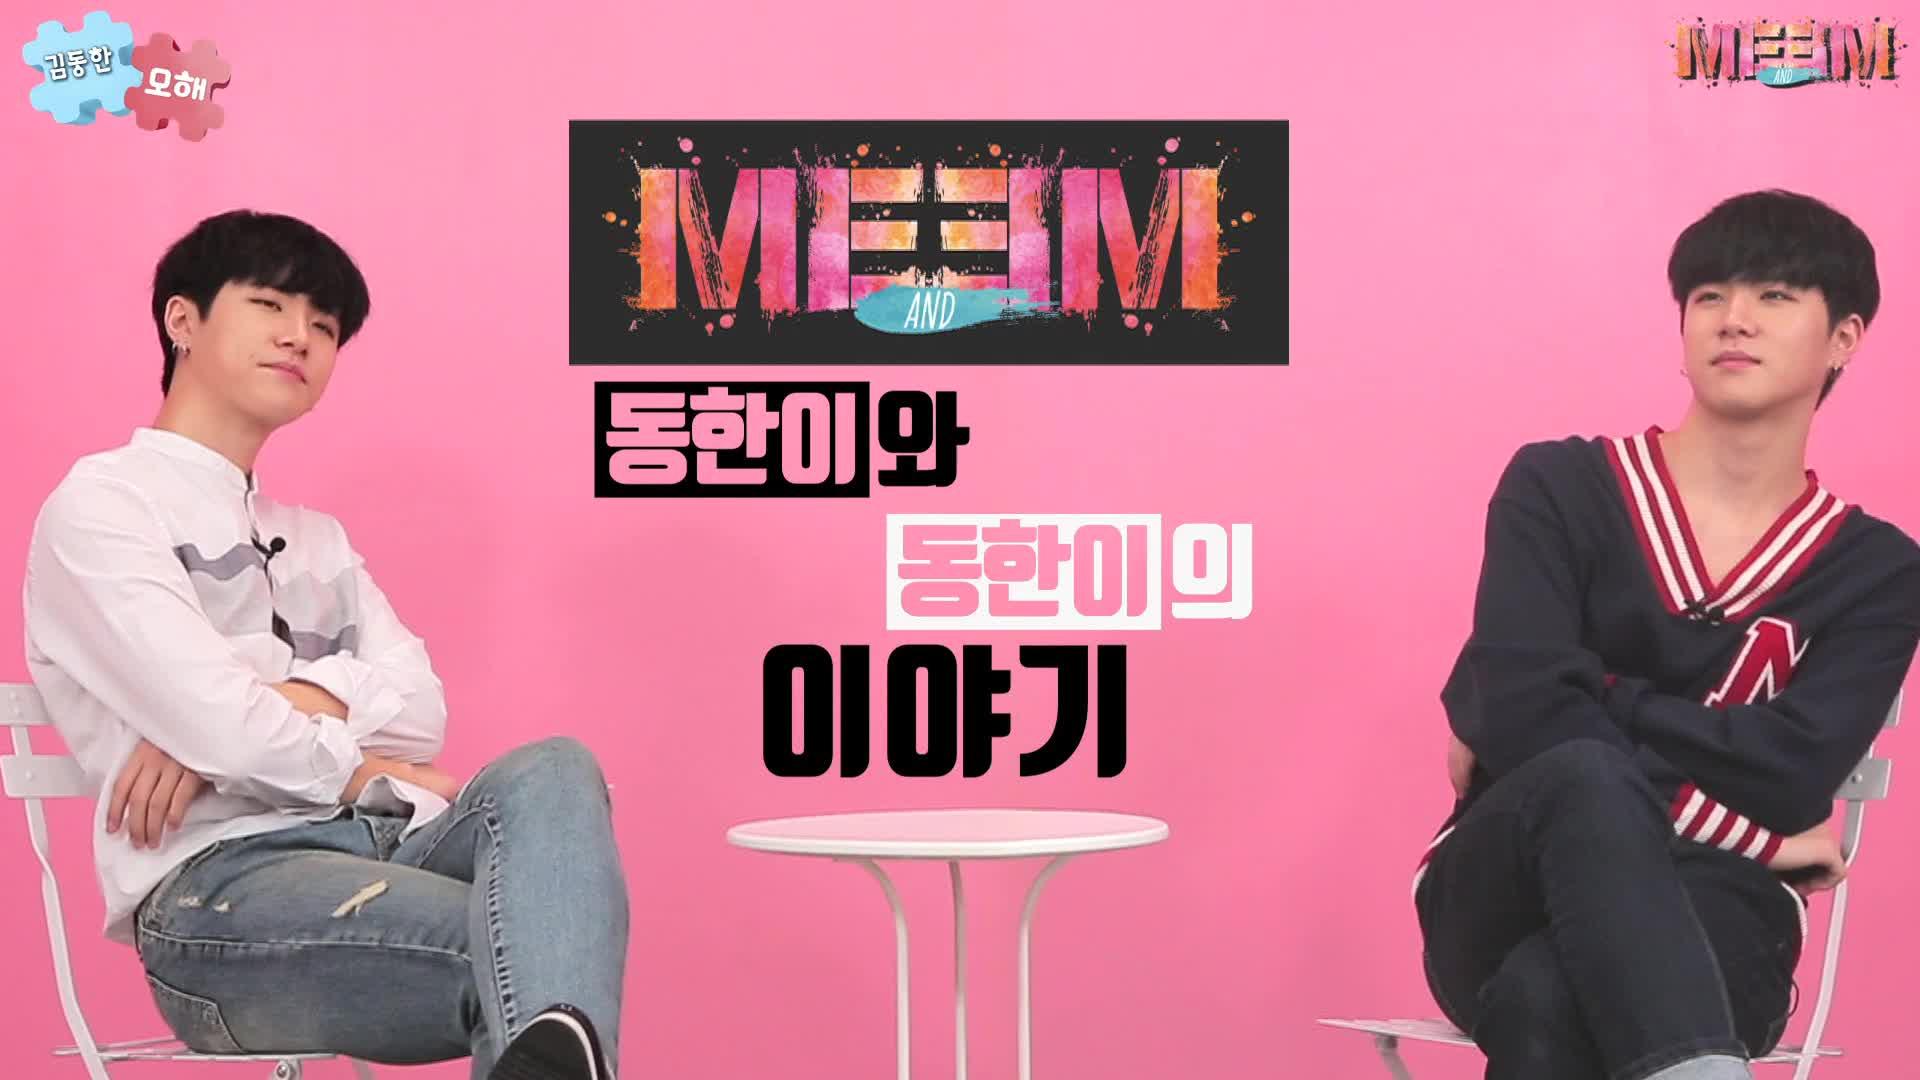 [미앤미] '김동한'편 TEASER!